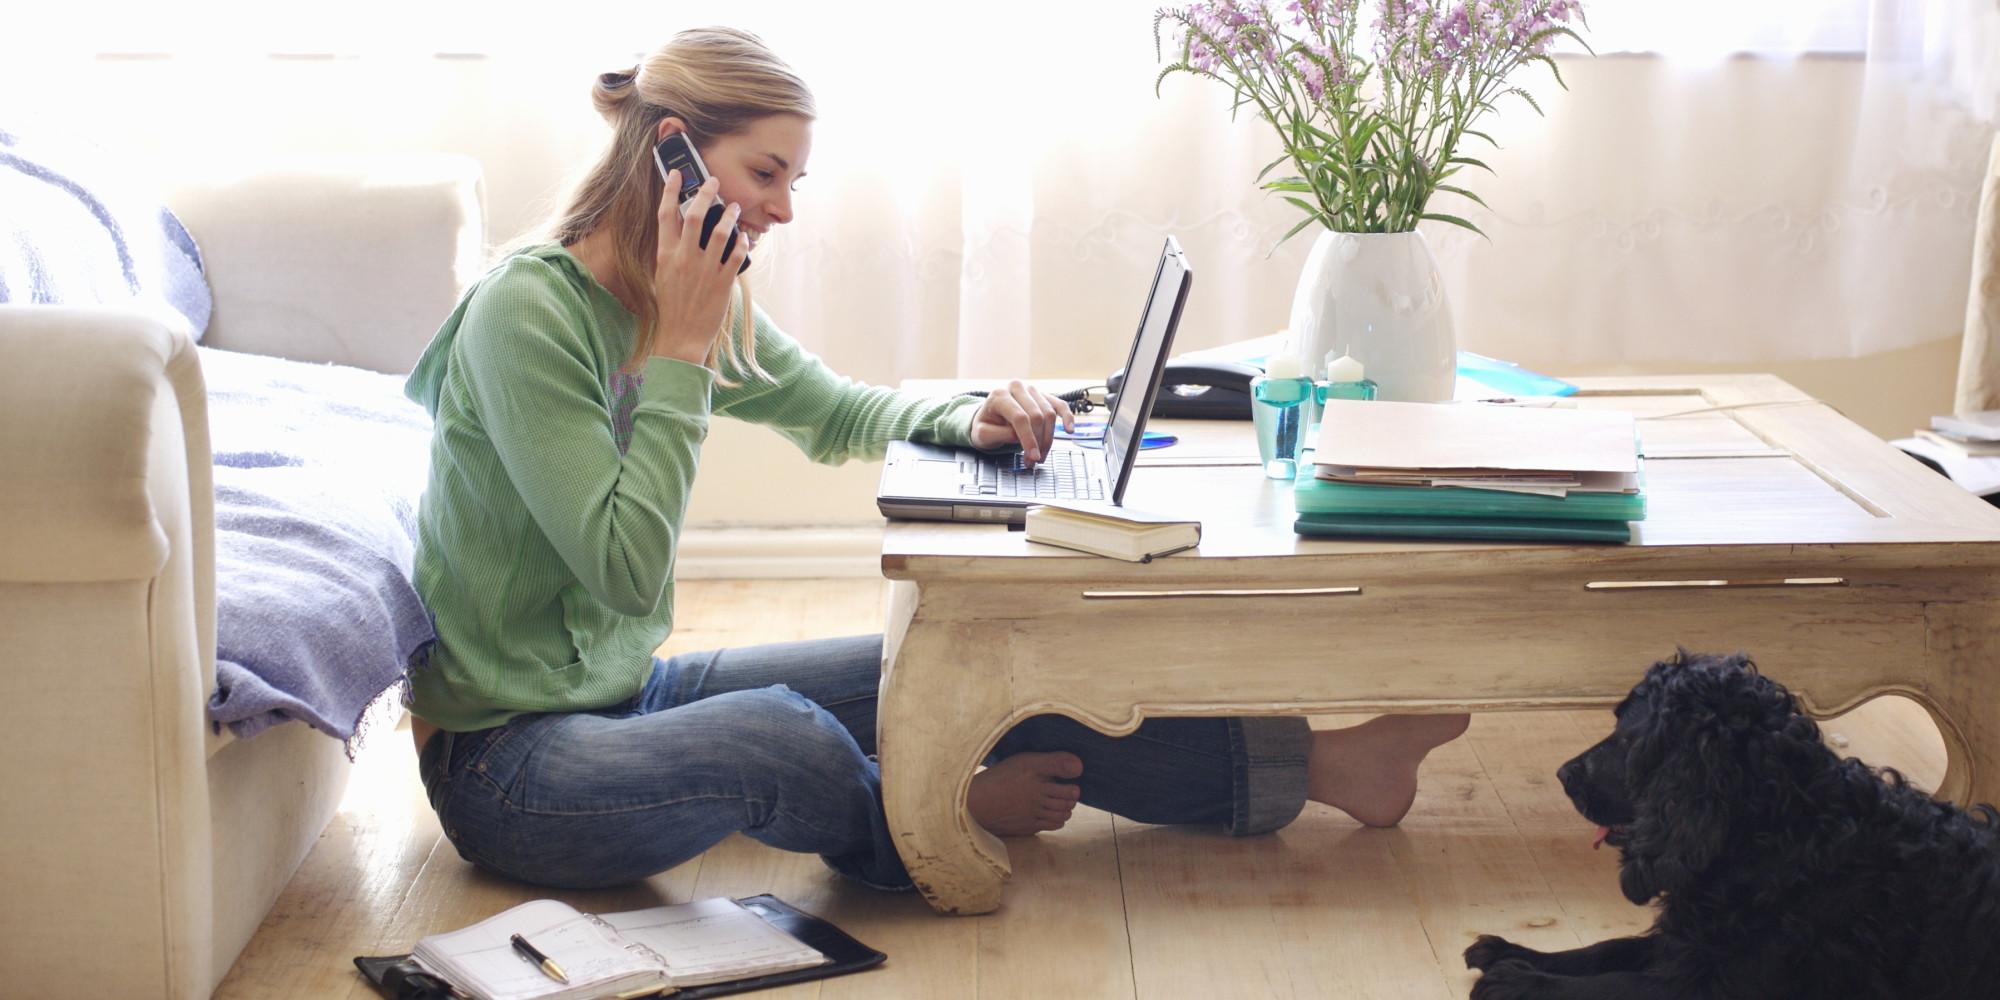 Каждый второй сотрудник не хочет в офис после «удаленки» 8